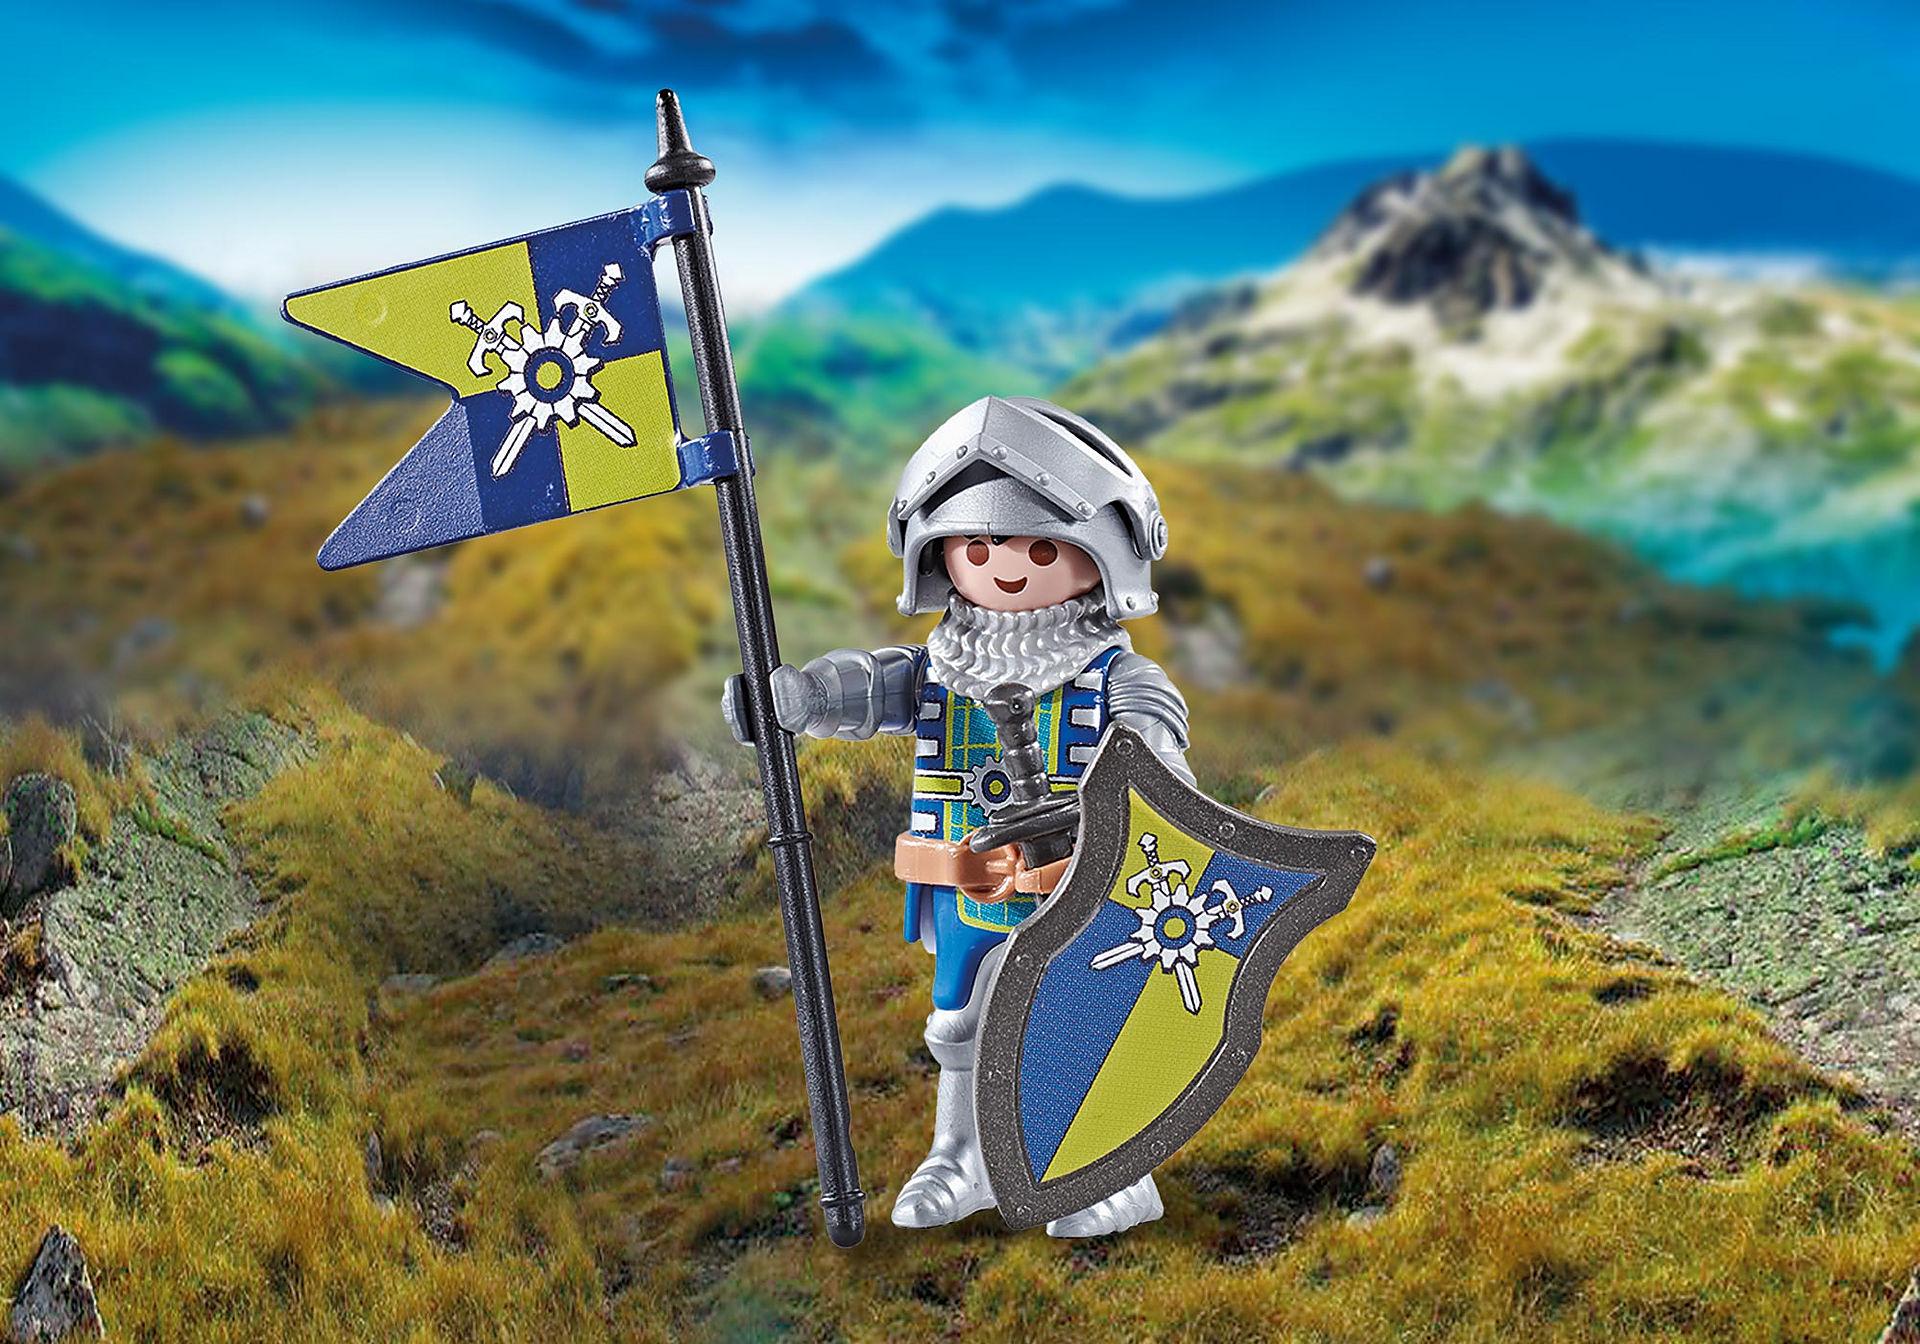 9835 Hauptmann der Ritter von Novelmore zoom image1